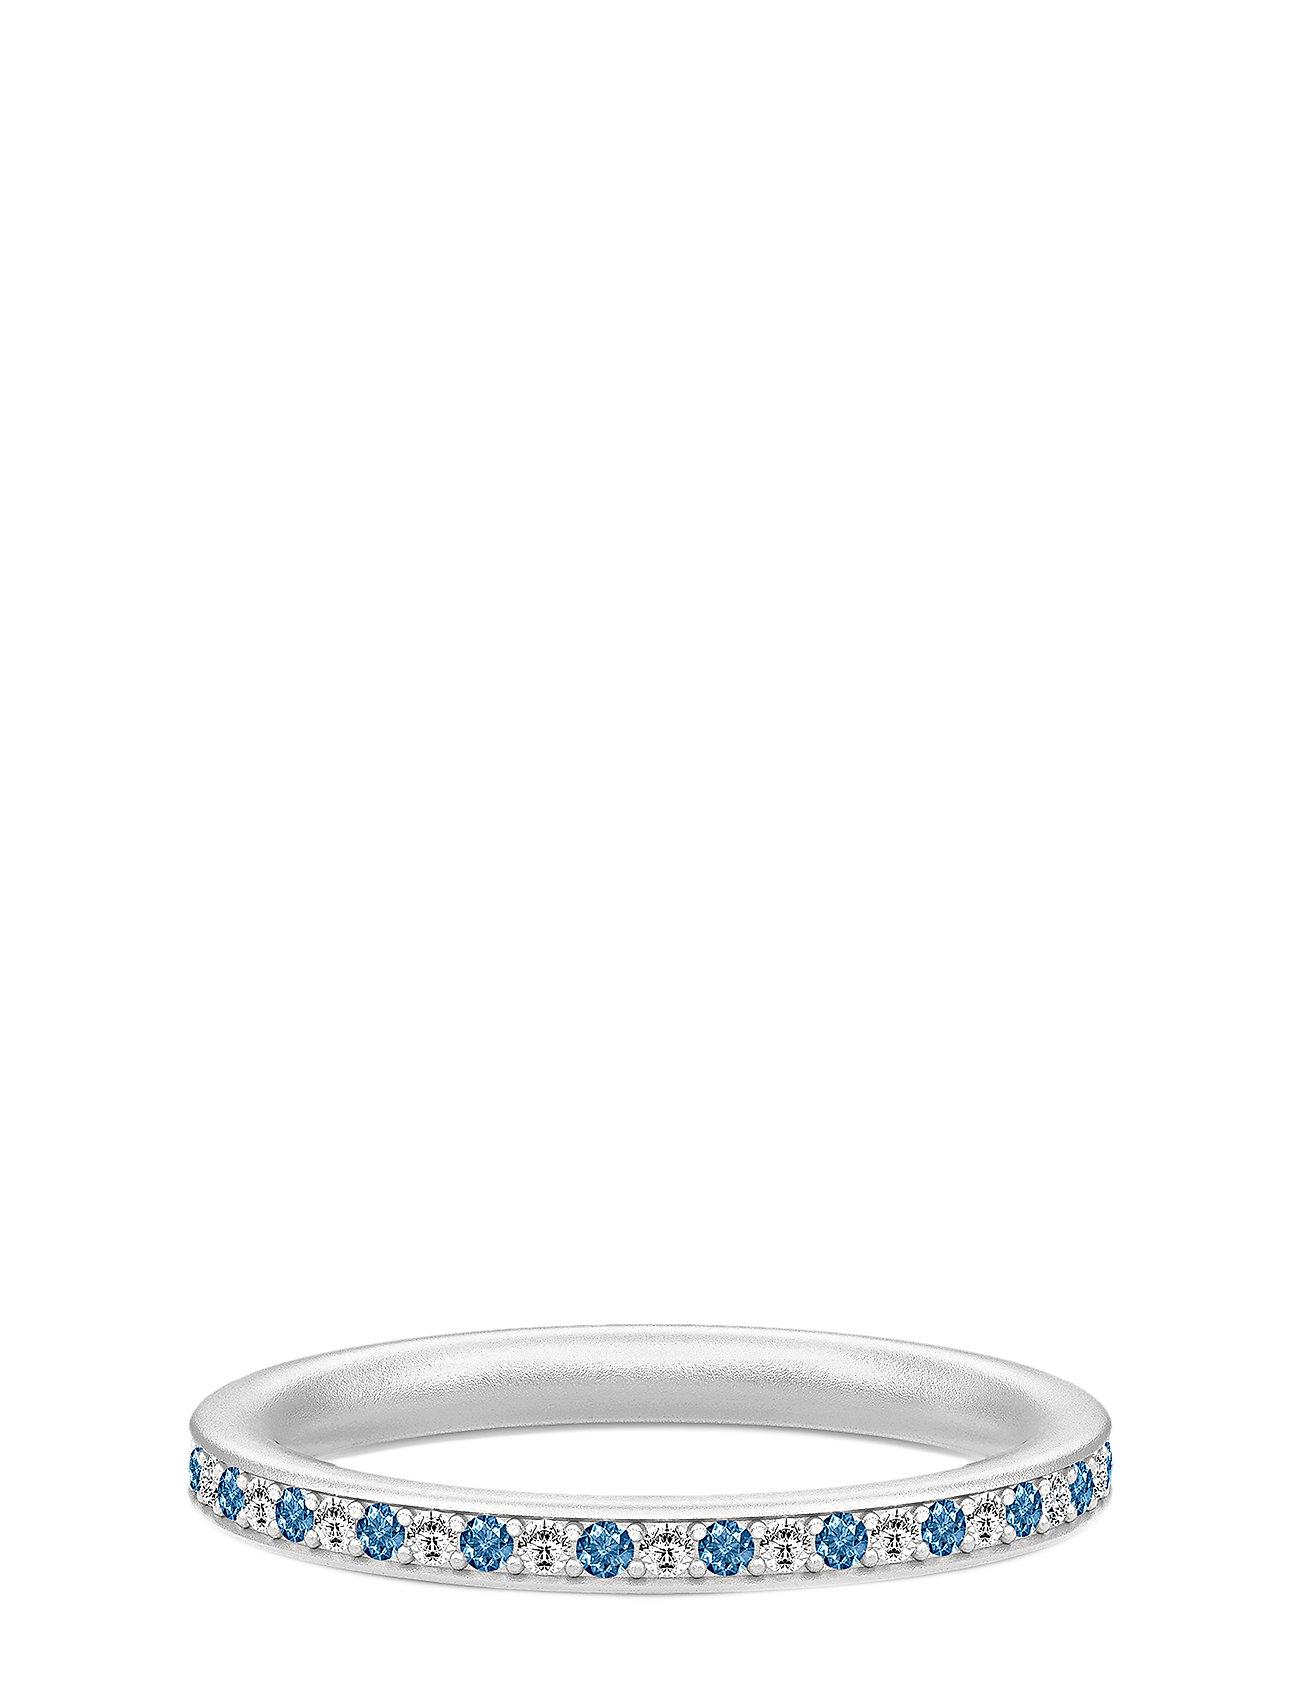 Image of Infinity Ring Rhodium White/Blue Ring Smykker Sølv Julie Sandlau (3286392045)